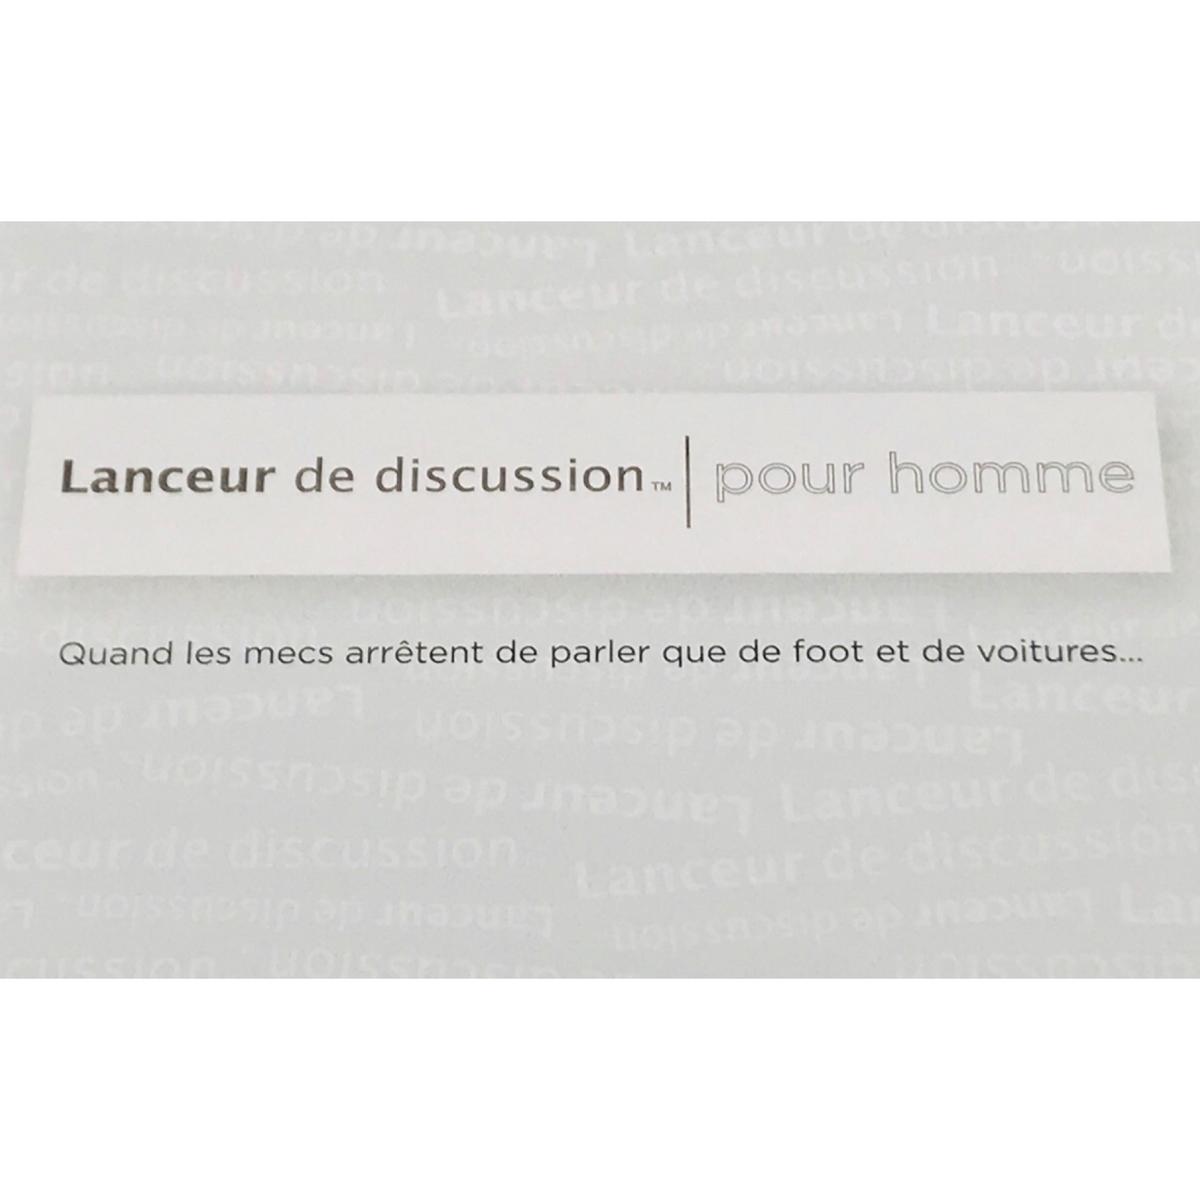 Lanceur de discussion Pour homme